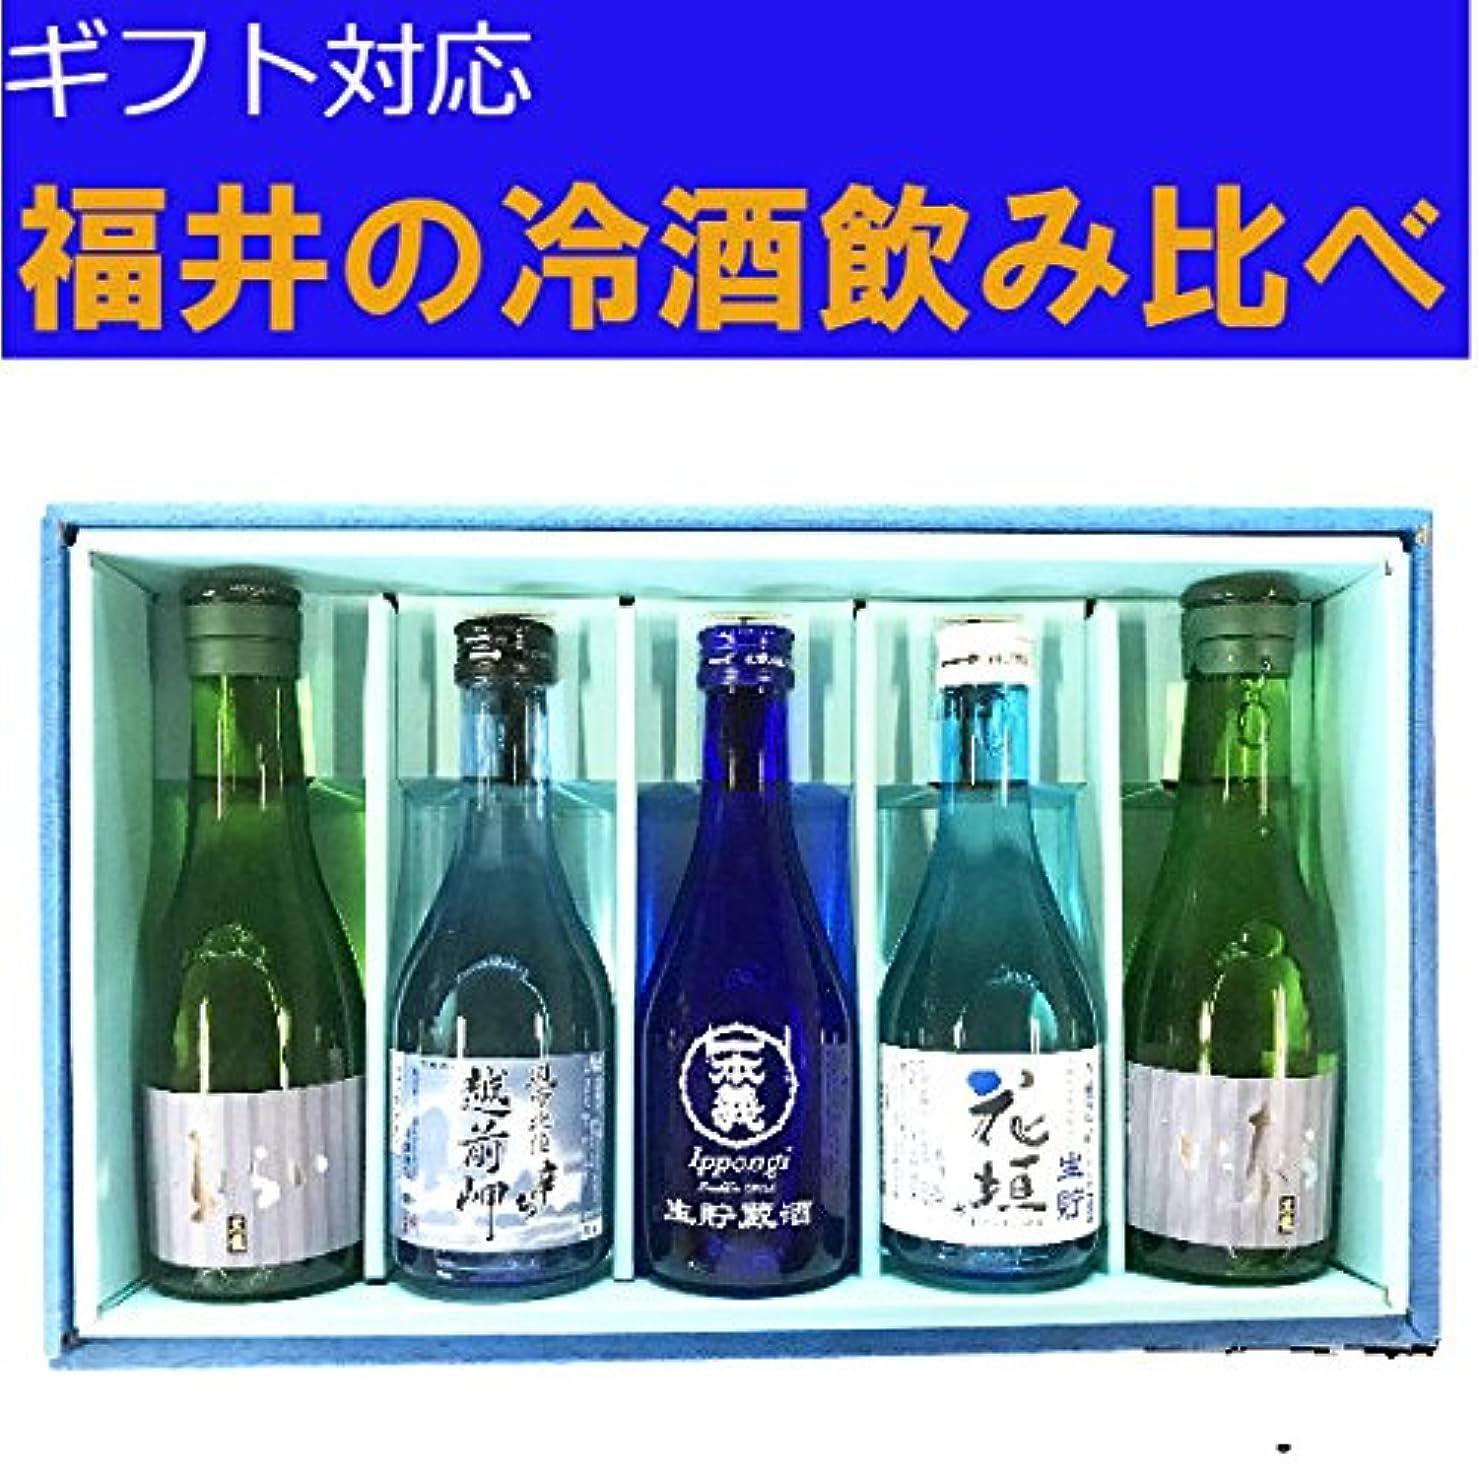 緊張する喪ショッキング福井の地酒 黒龍含む冷酒飲み比べ300ml×5本